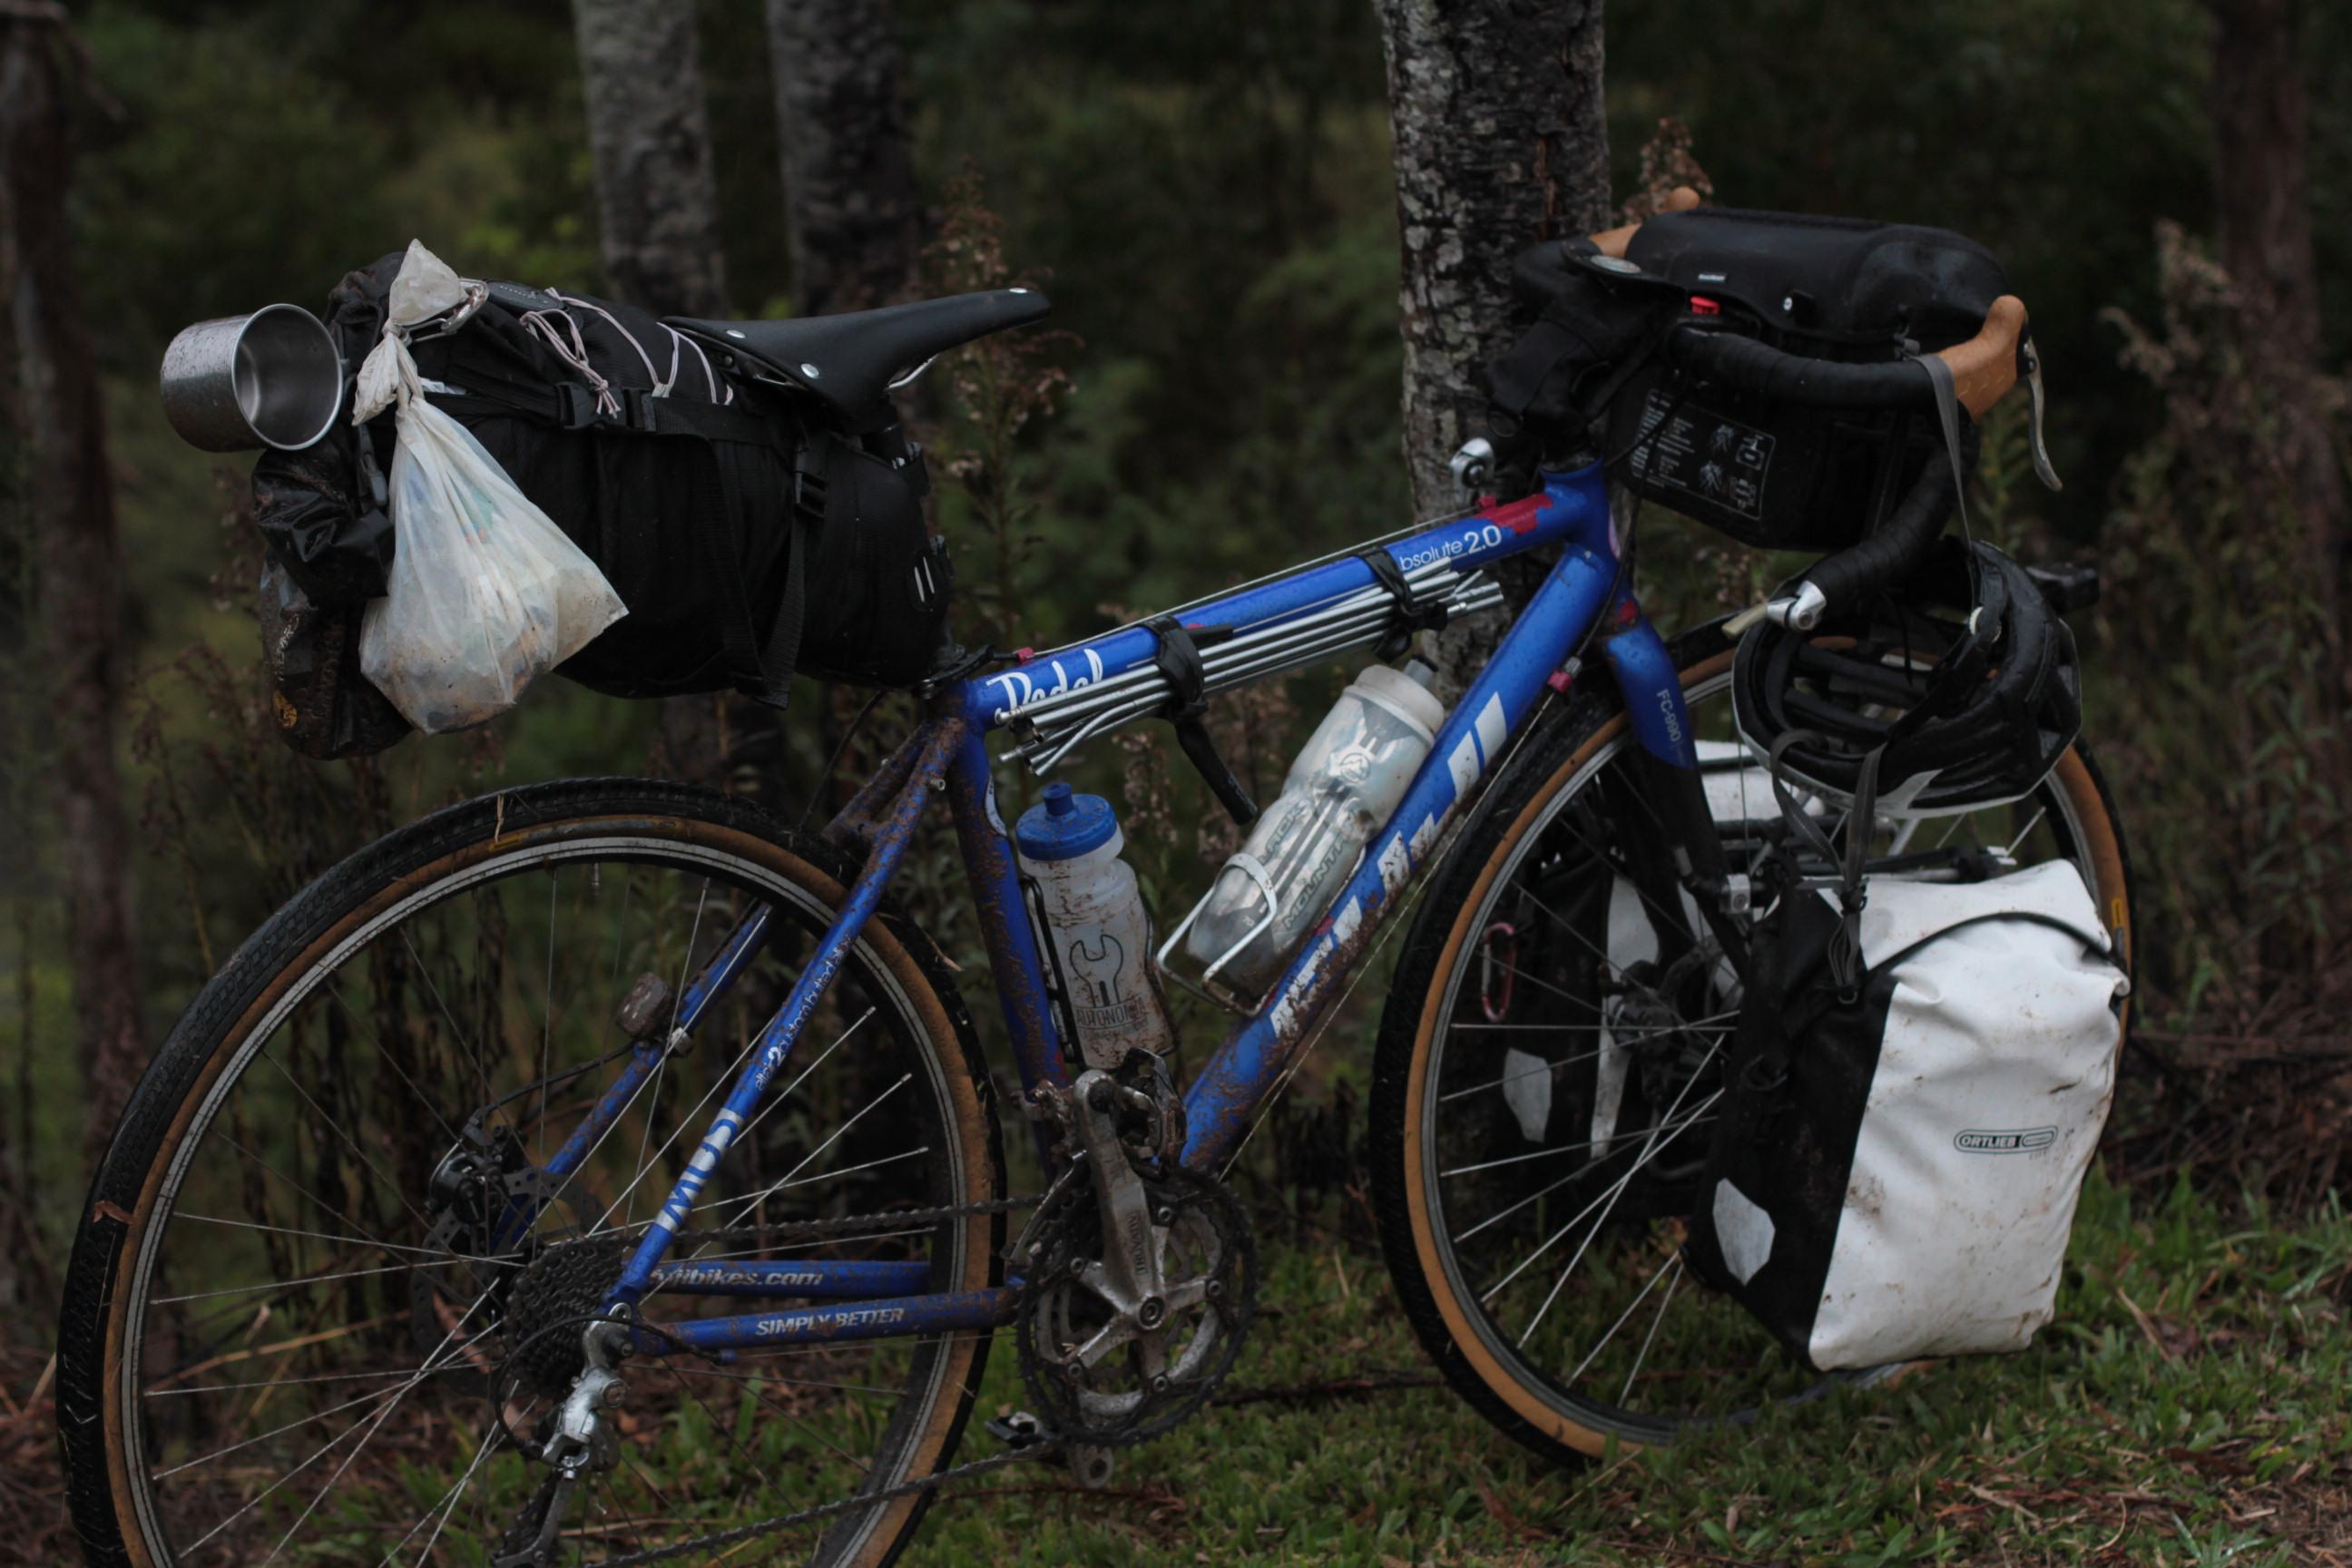 bikehandling brasil bikepacking cicloturismo (20)